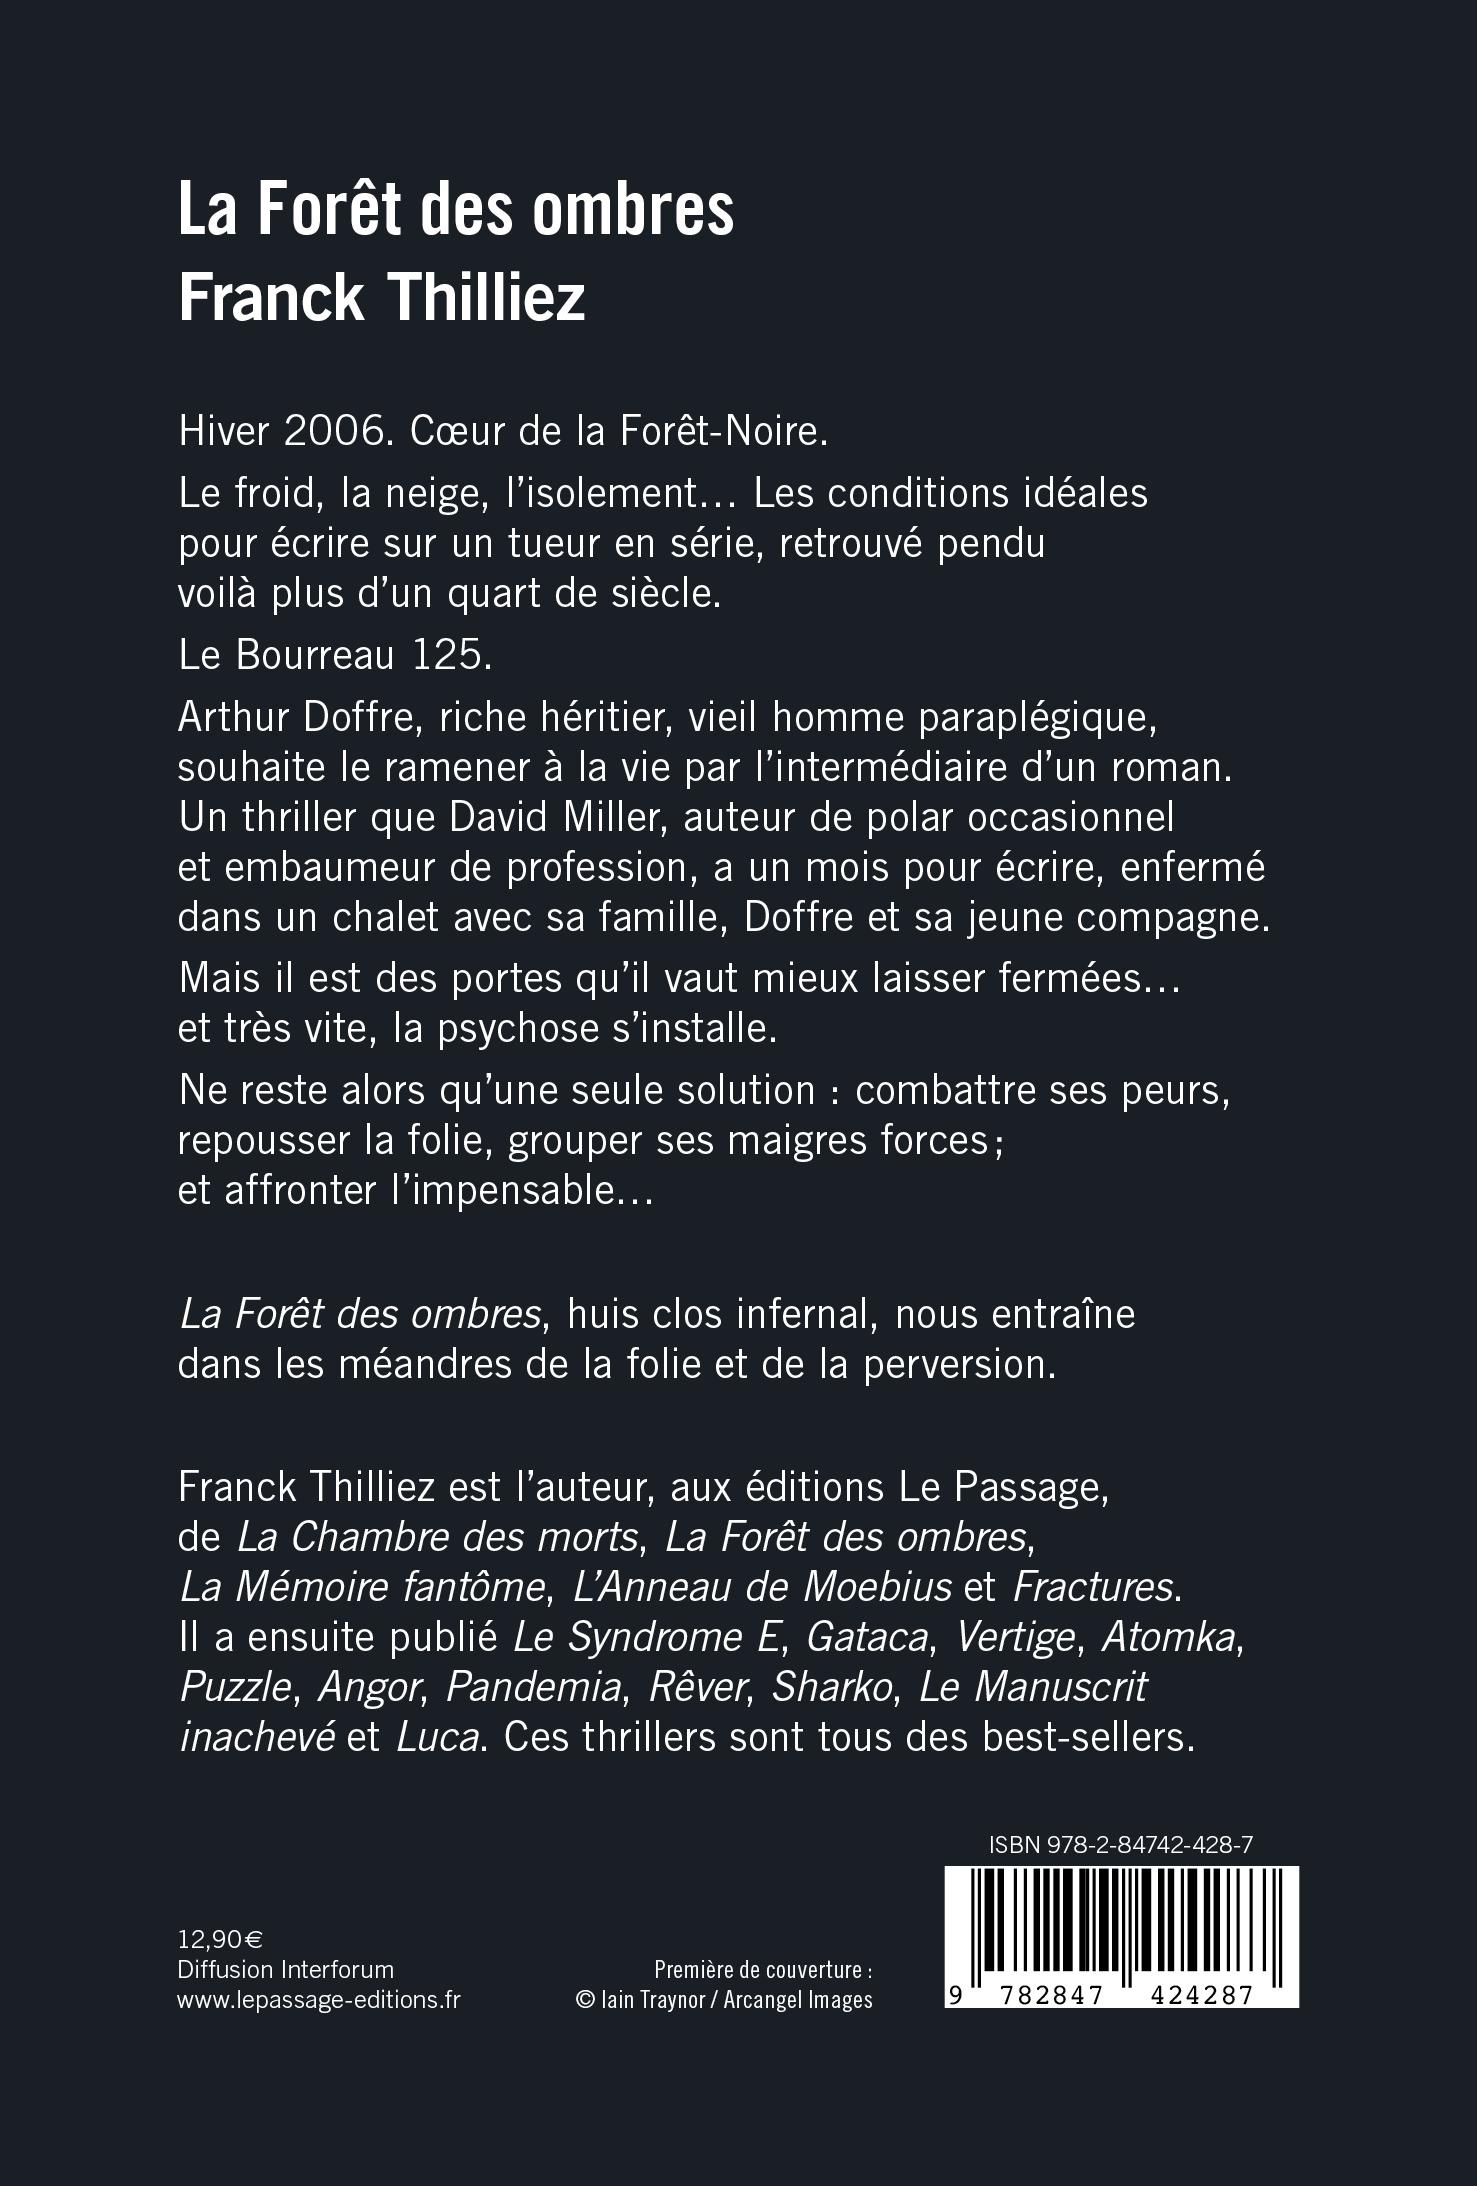 LePassage-La_Foret_de#403E2